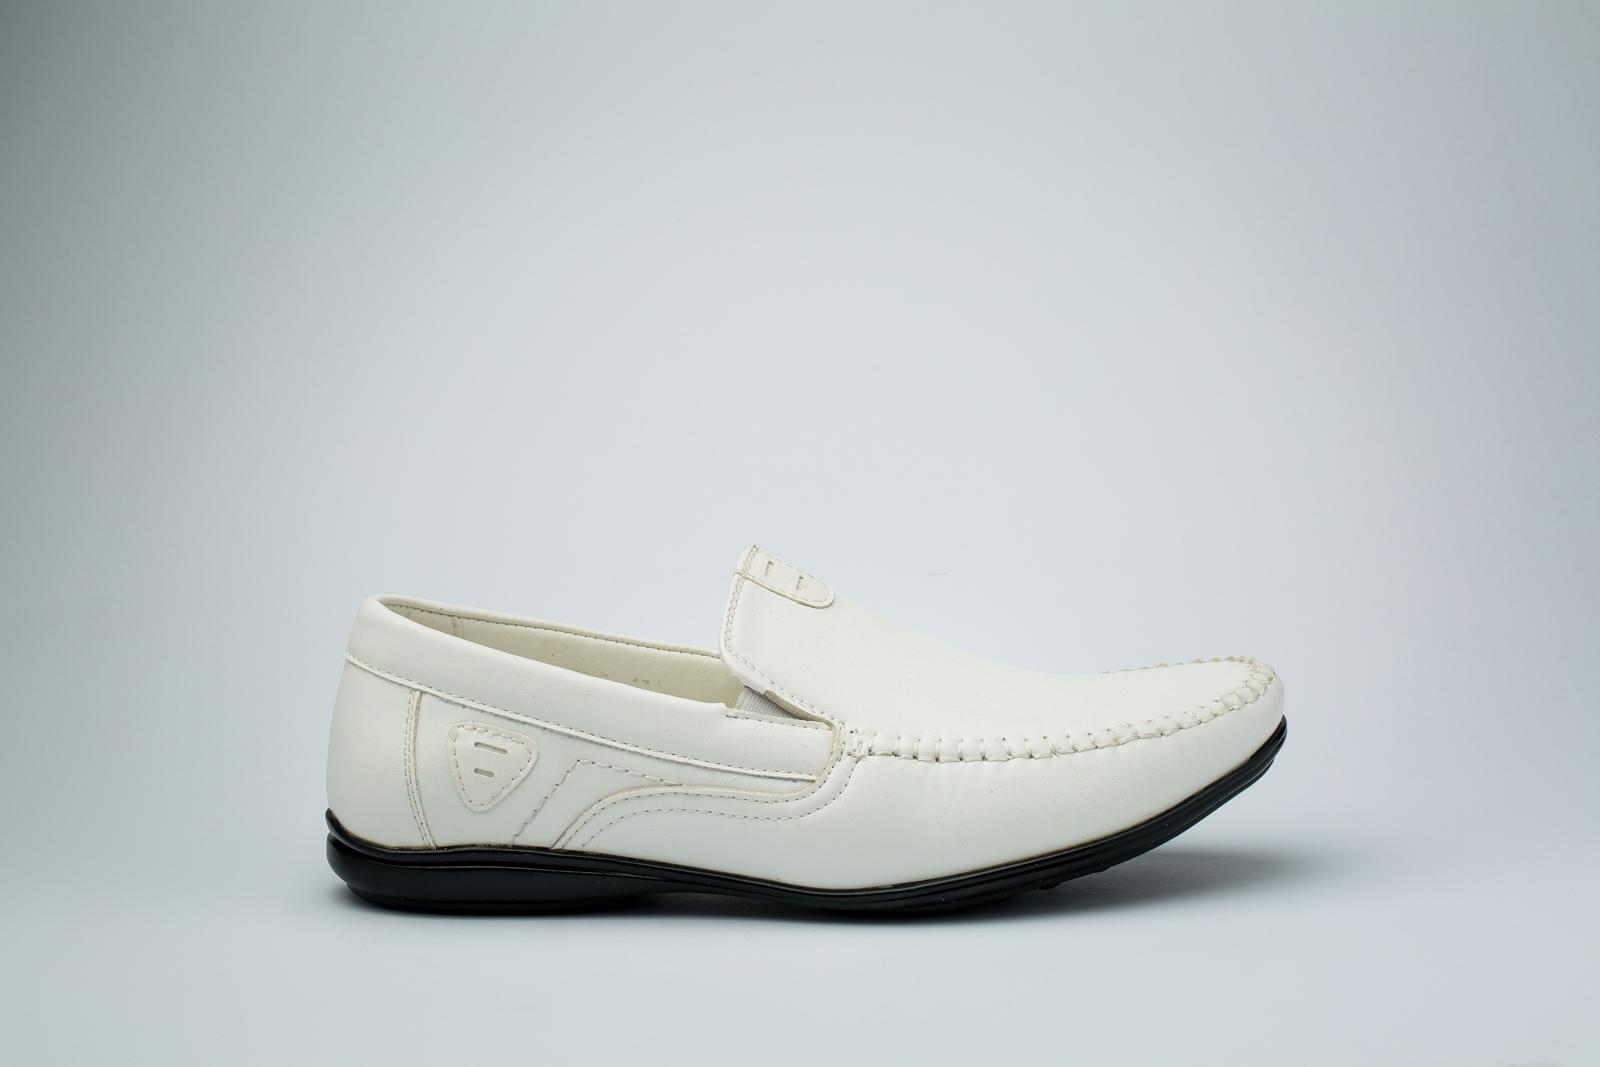 الصورة: حذاء (كندرة) كريمى